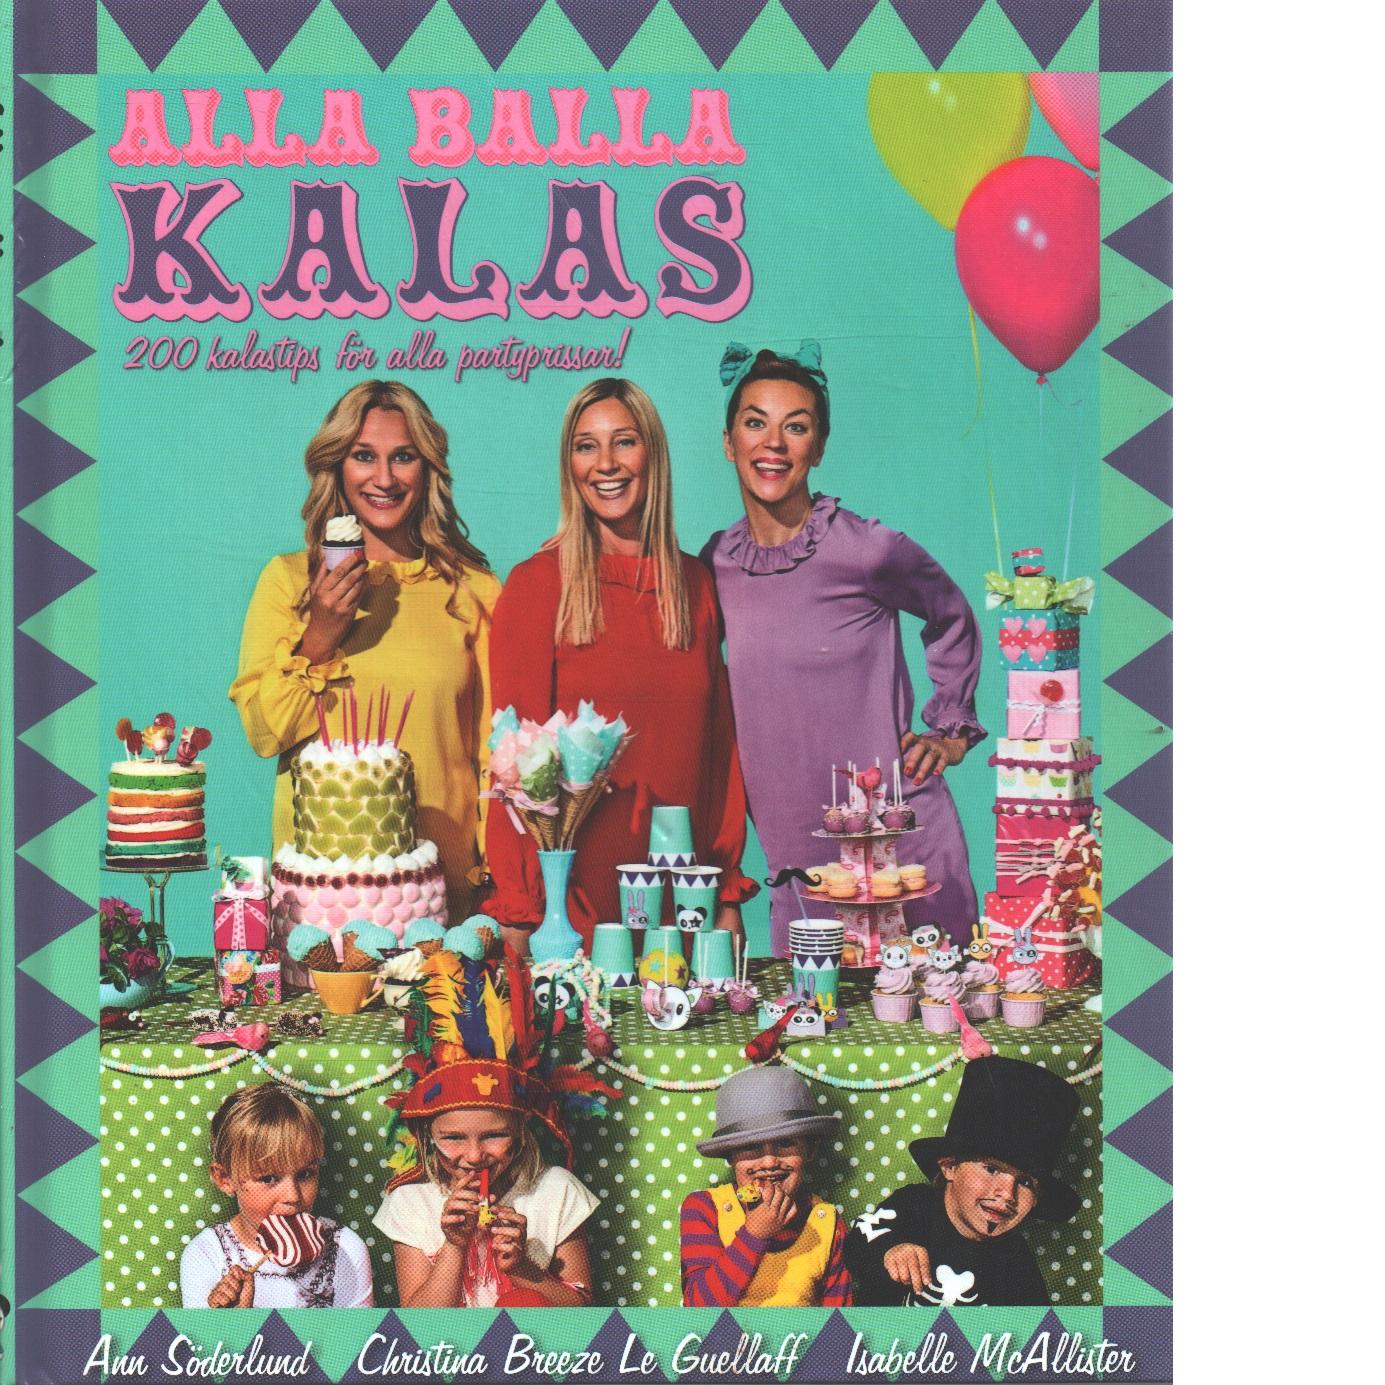 Alla Balla Kalas